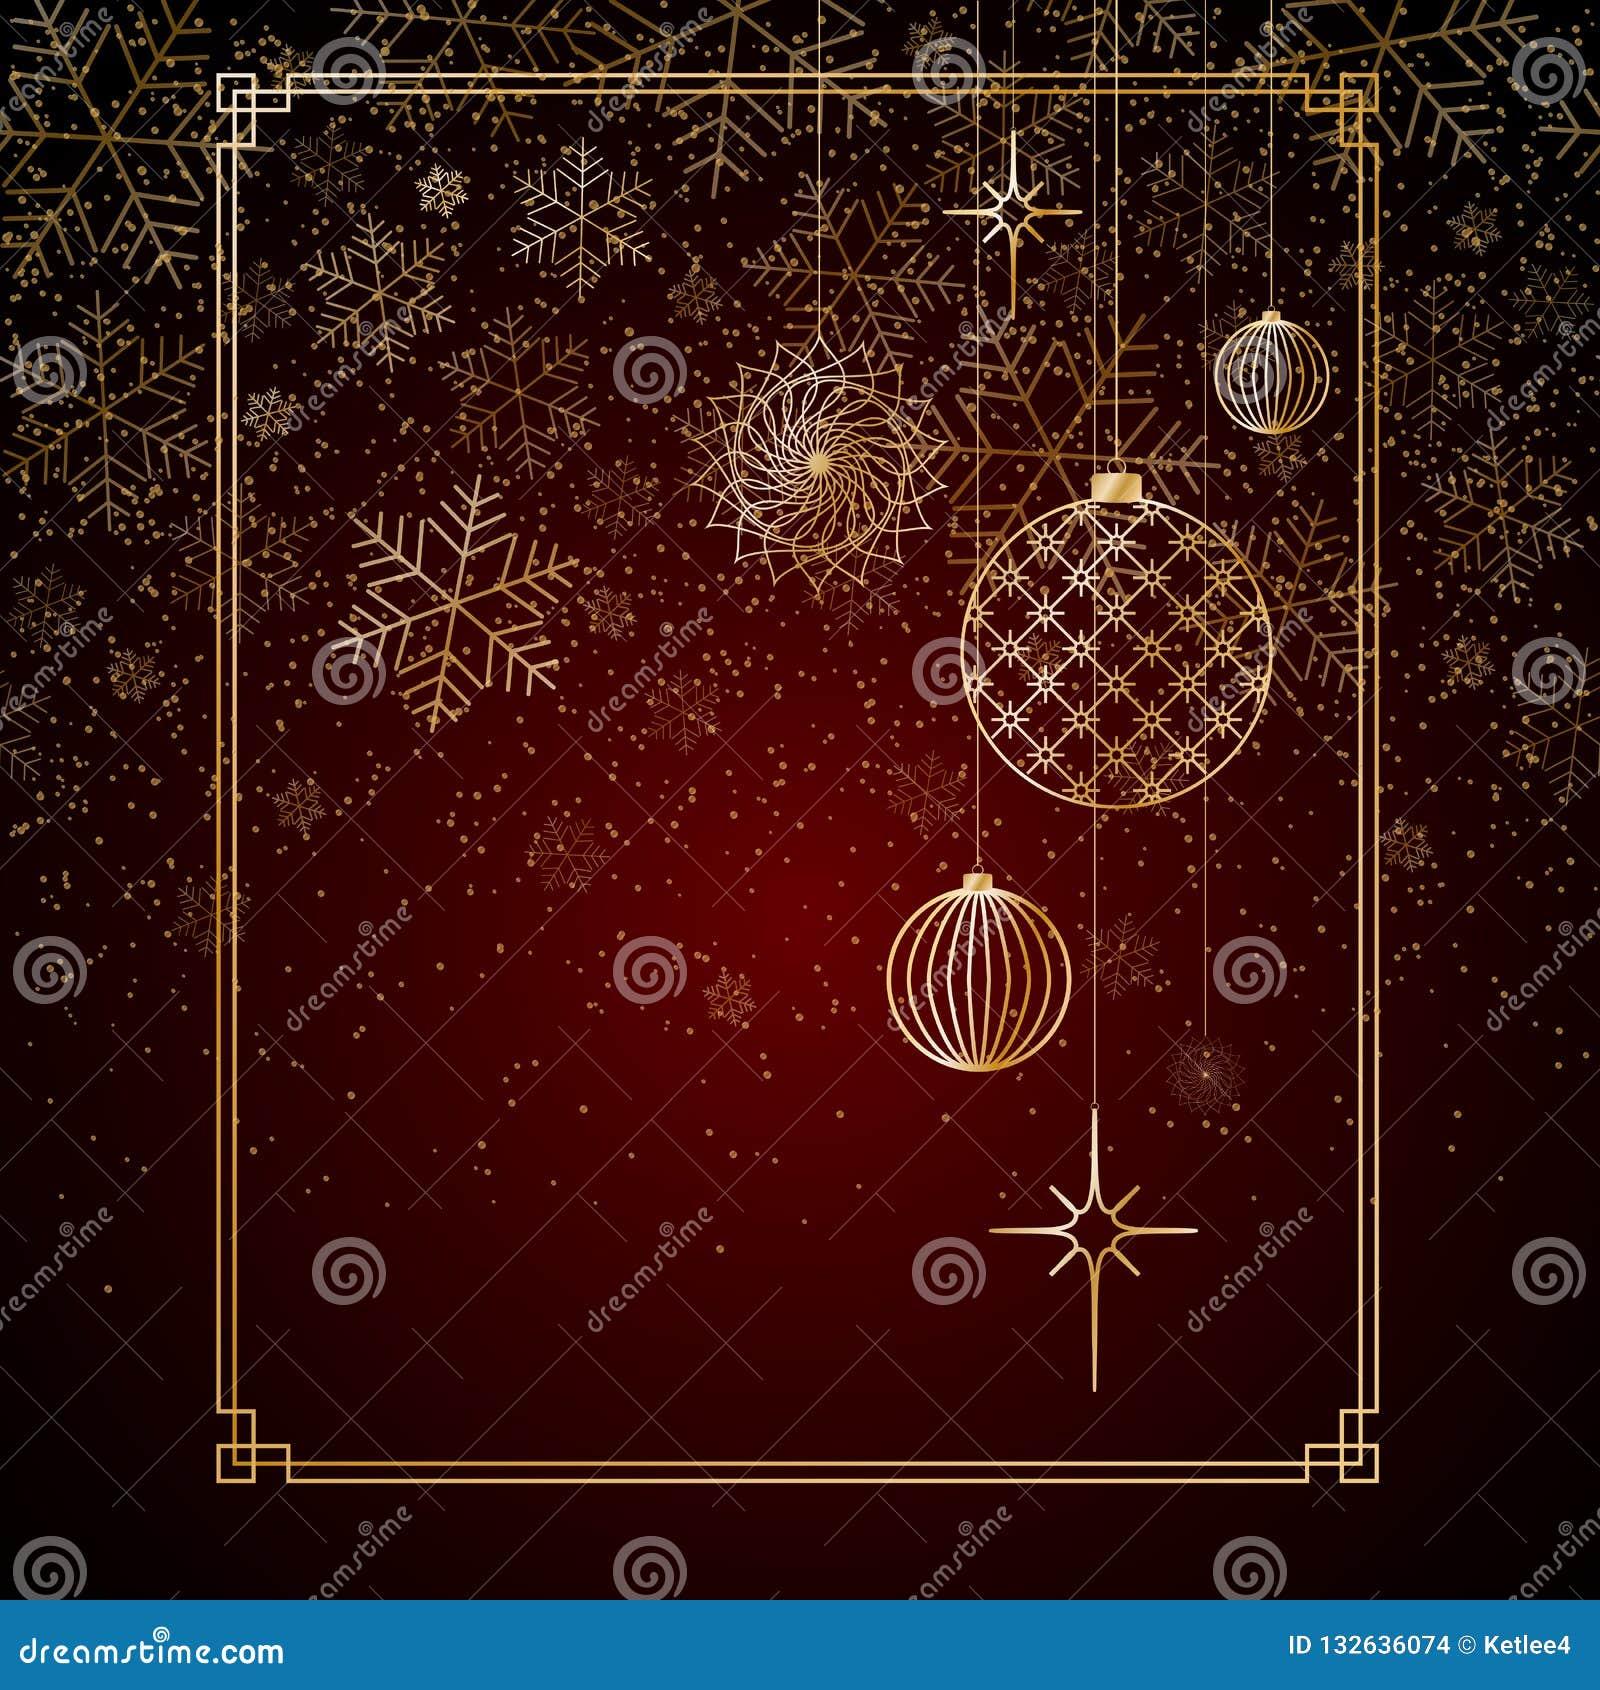 Weihnachtshintergrund Goldkugeln spielt Sterne, die Schneeflocken auf einem roten Hintergrund ein Hintergrund für Weihnachten und